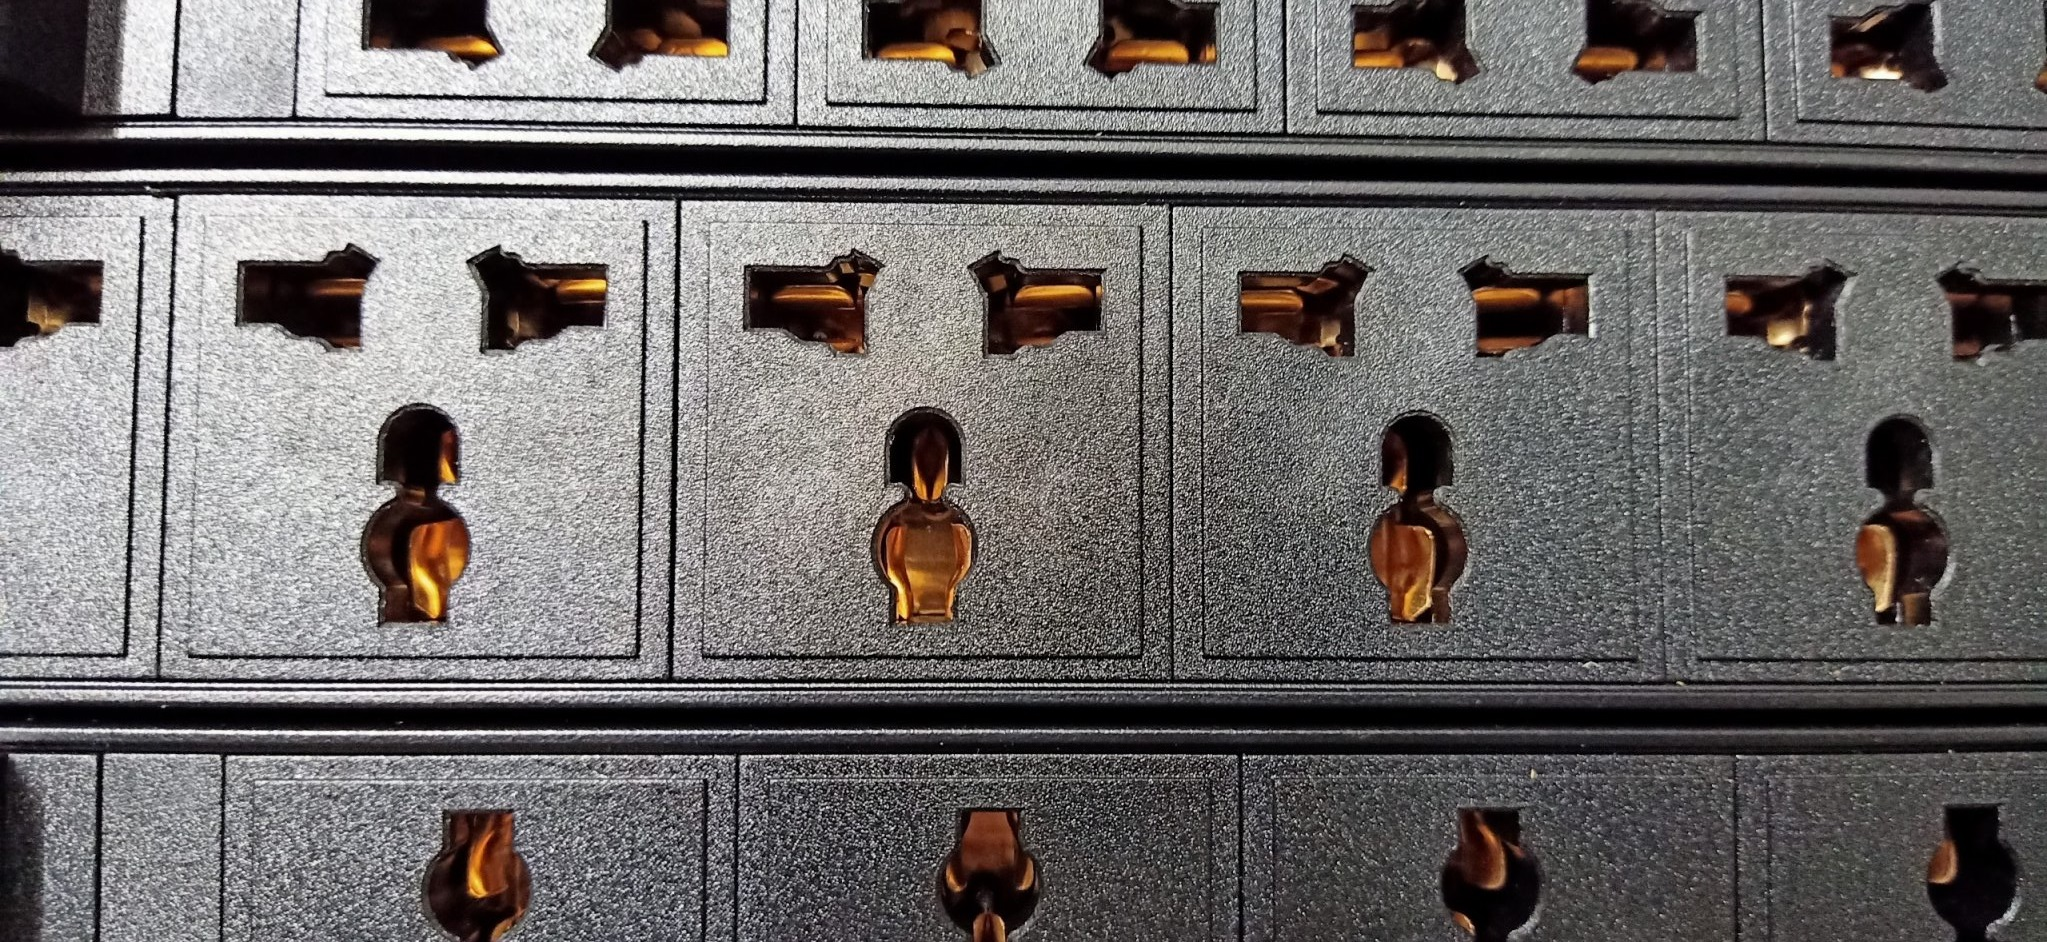 Thanh nguồn PDU 7 ổ cắm đa năng có MCB 2P 16A cho tủ Rack server